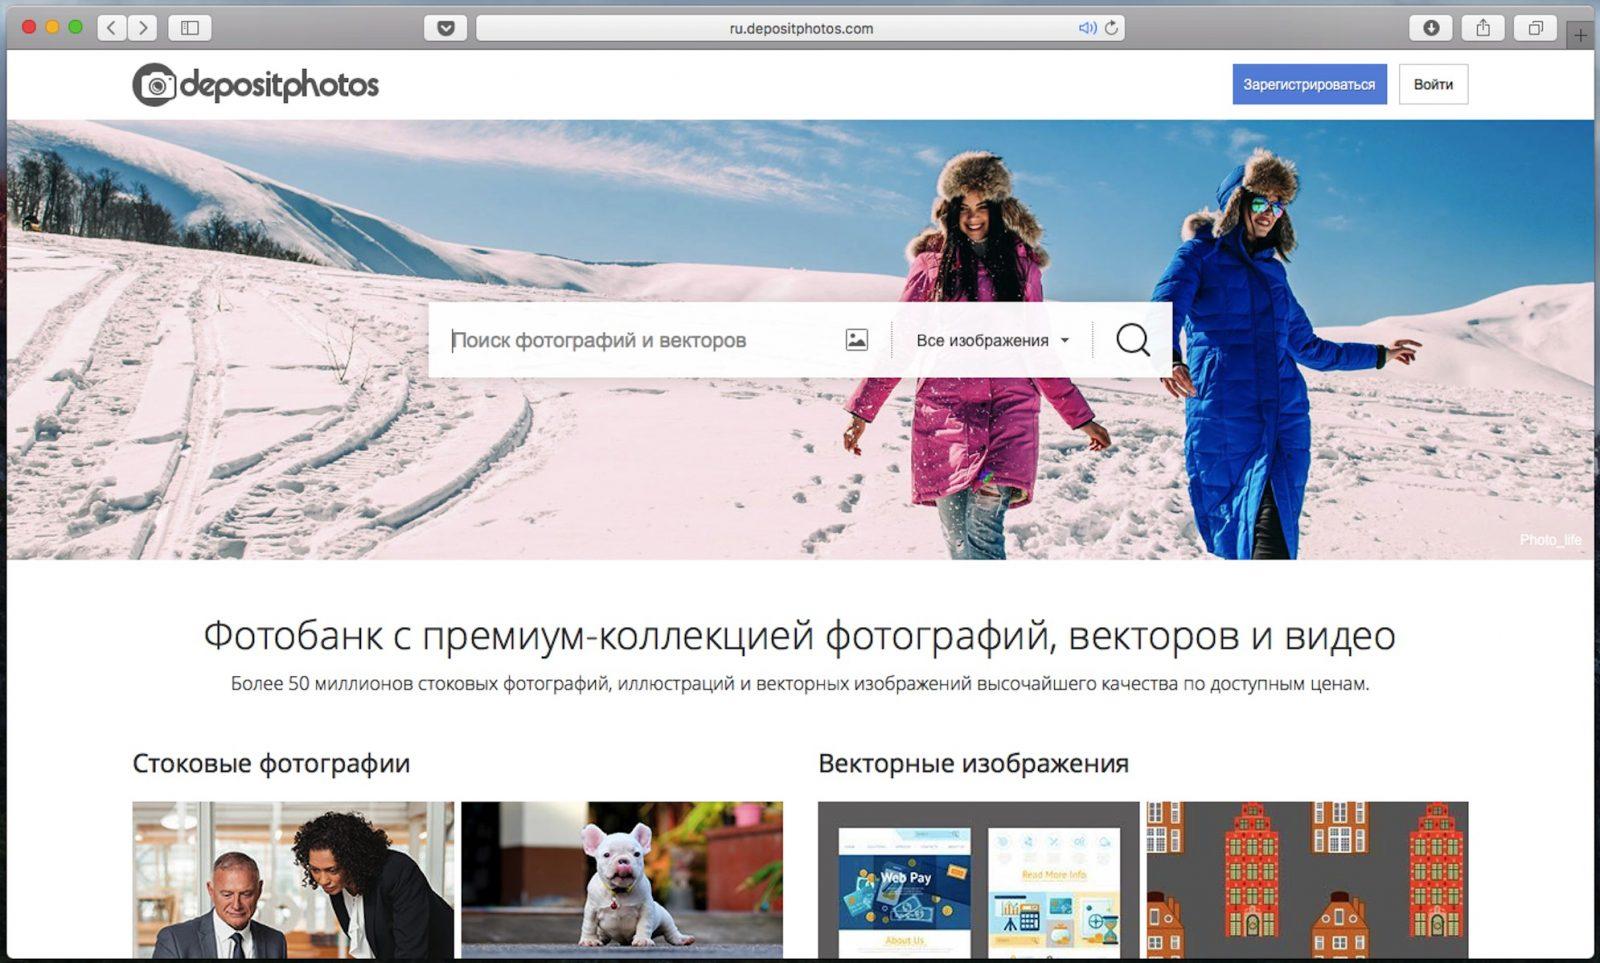 православному как работает поисковик по фотографии сочетание старых